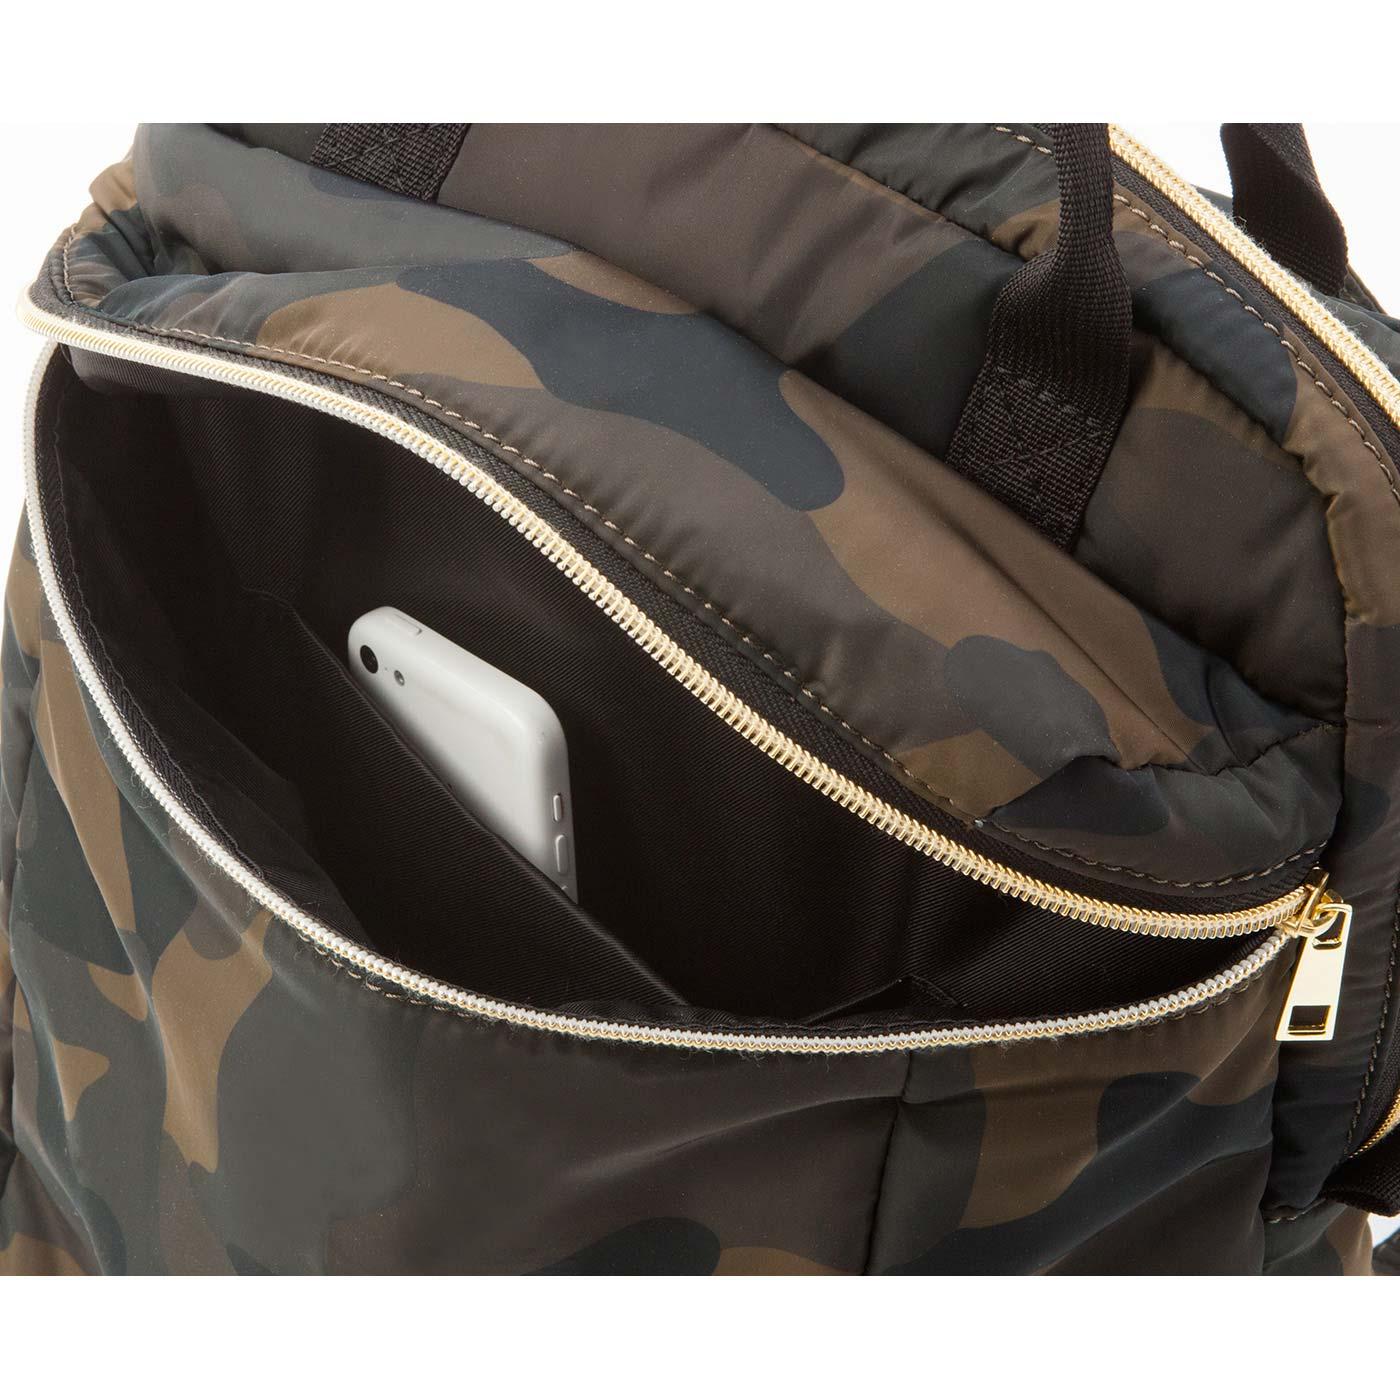 外側のジップ内には、小物が入る袋ポケット付き。